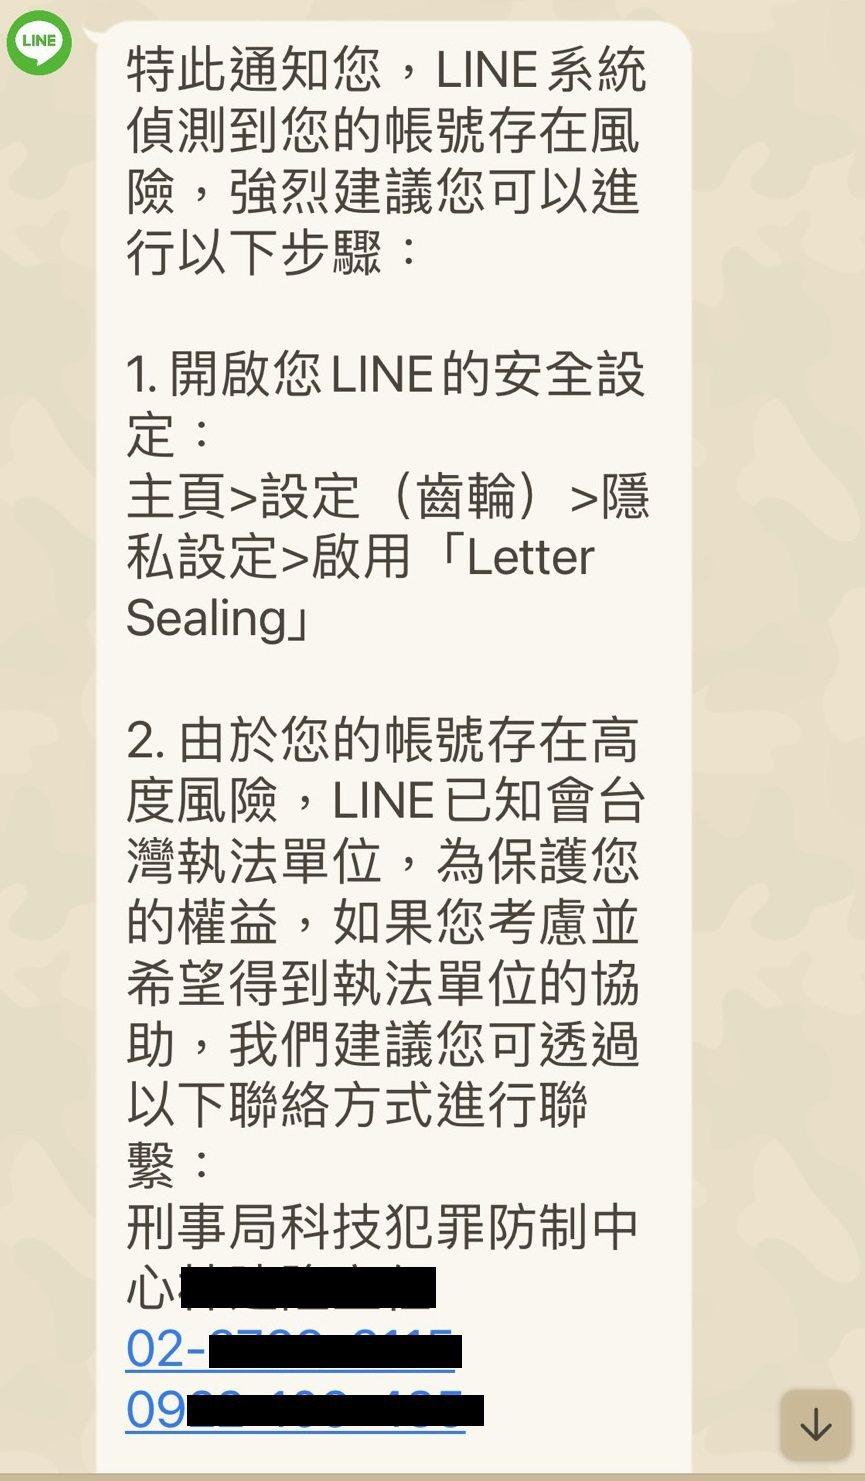 網傳line公司發出帳號存在風險的警示内容。圖/取自網路社群